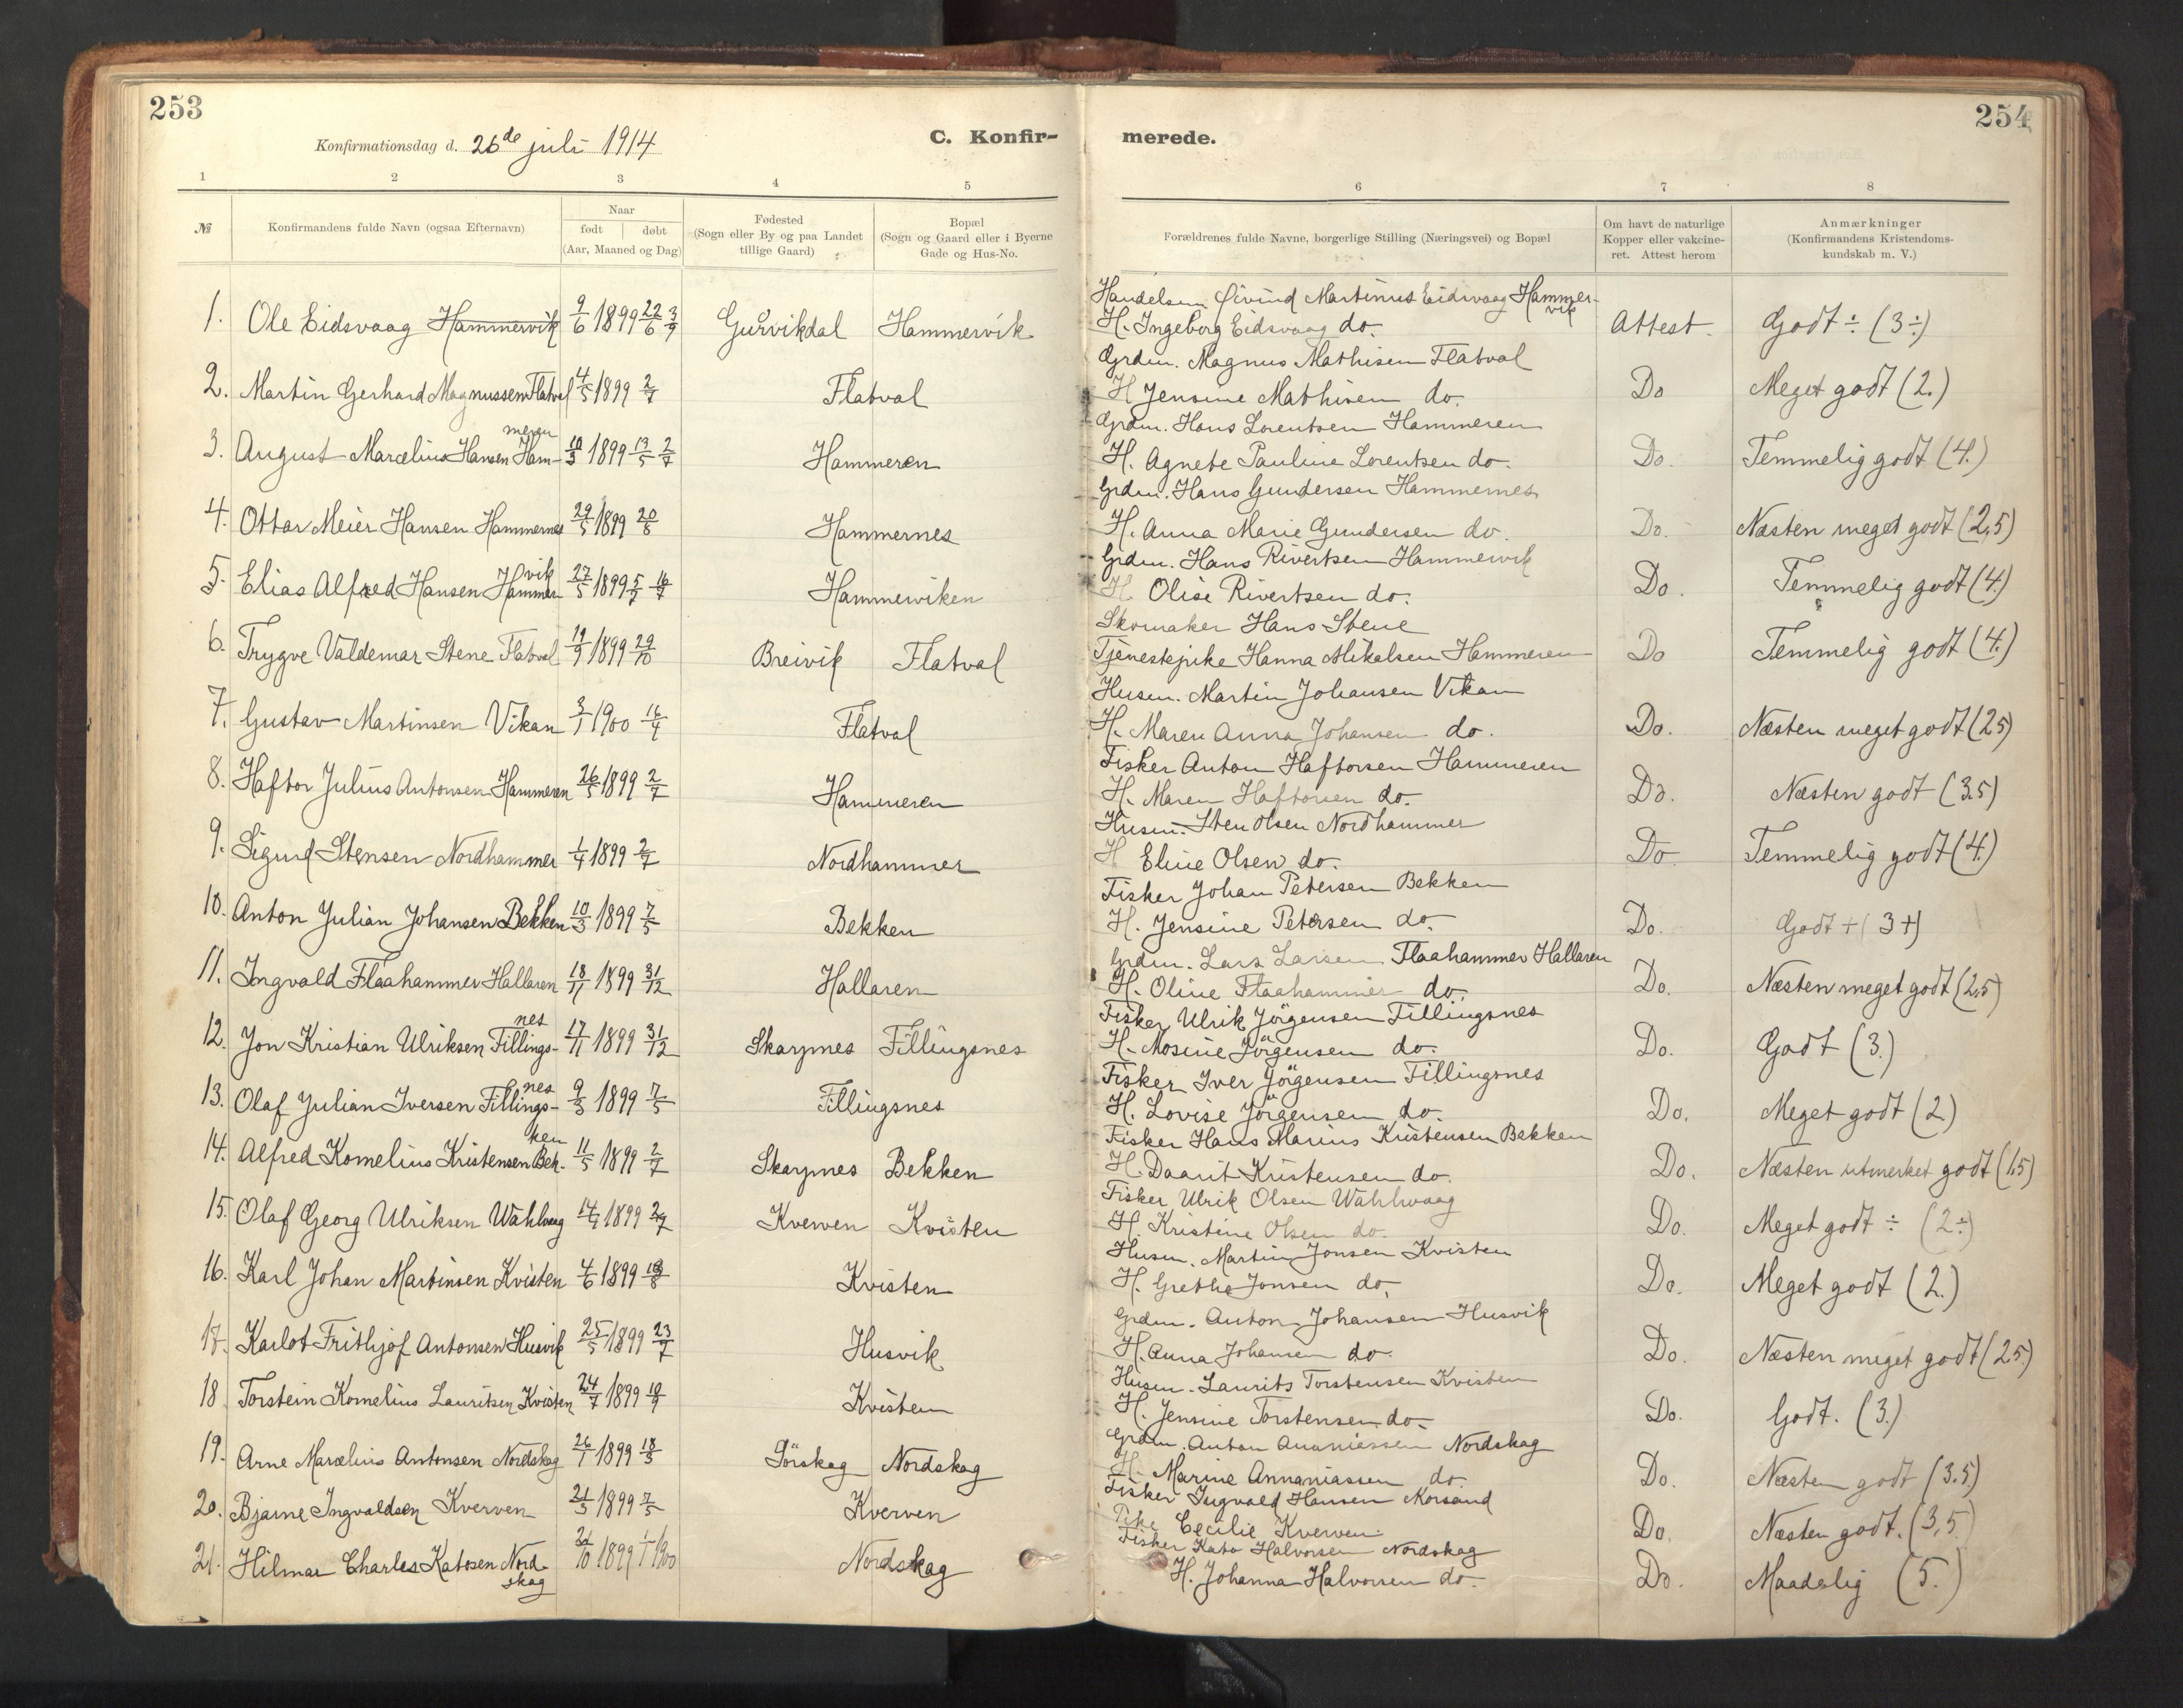 SAT, Ministerialprotokoller, klokkerbøker og fødselsregistre - Sør-Trøndelag, 641/L0596: Ministerialbok nr. 641A02, 1898-1915, s. 253-254